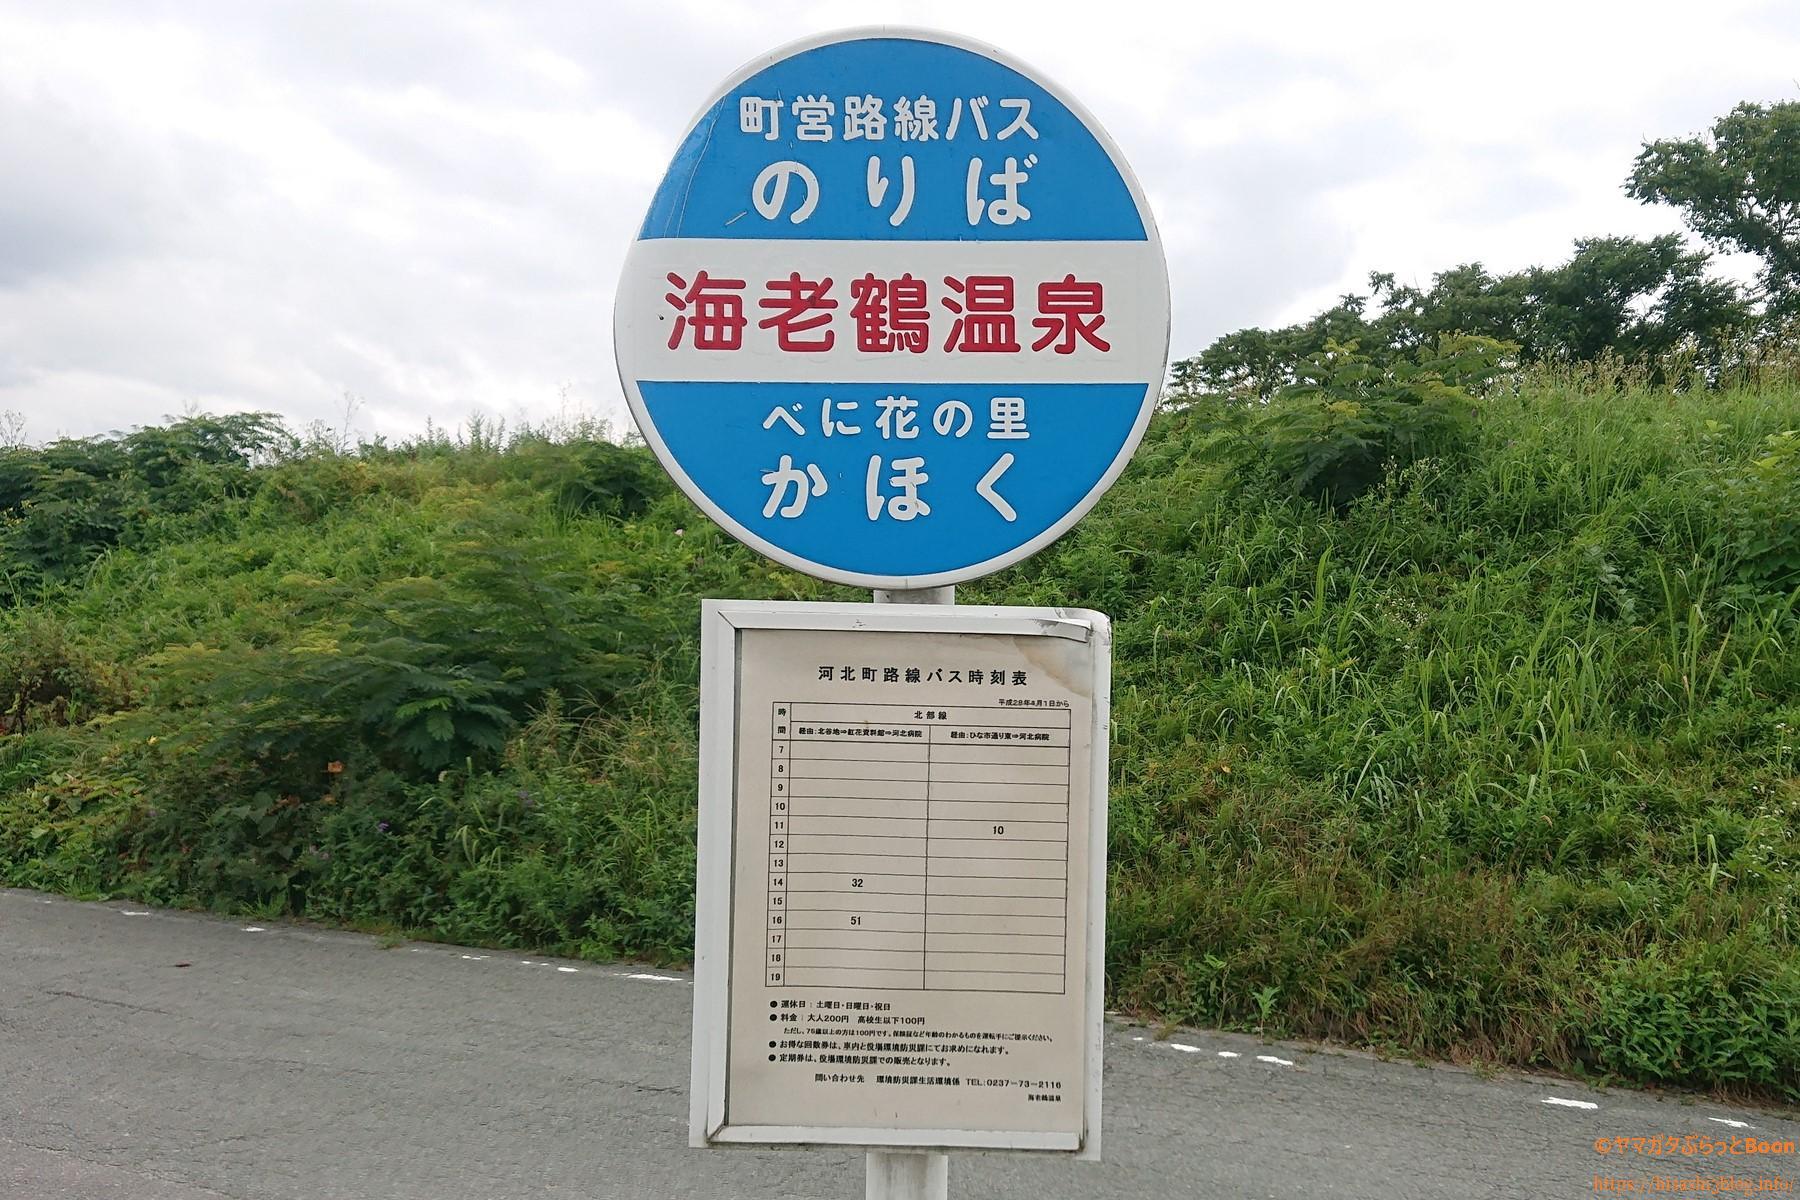 海老鶴温泉バス停